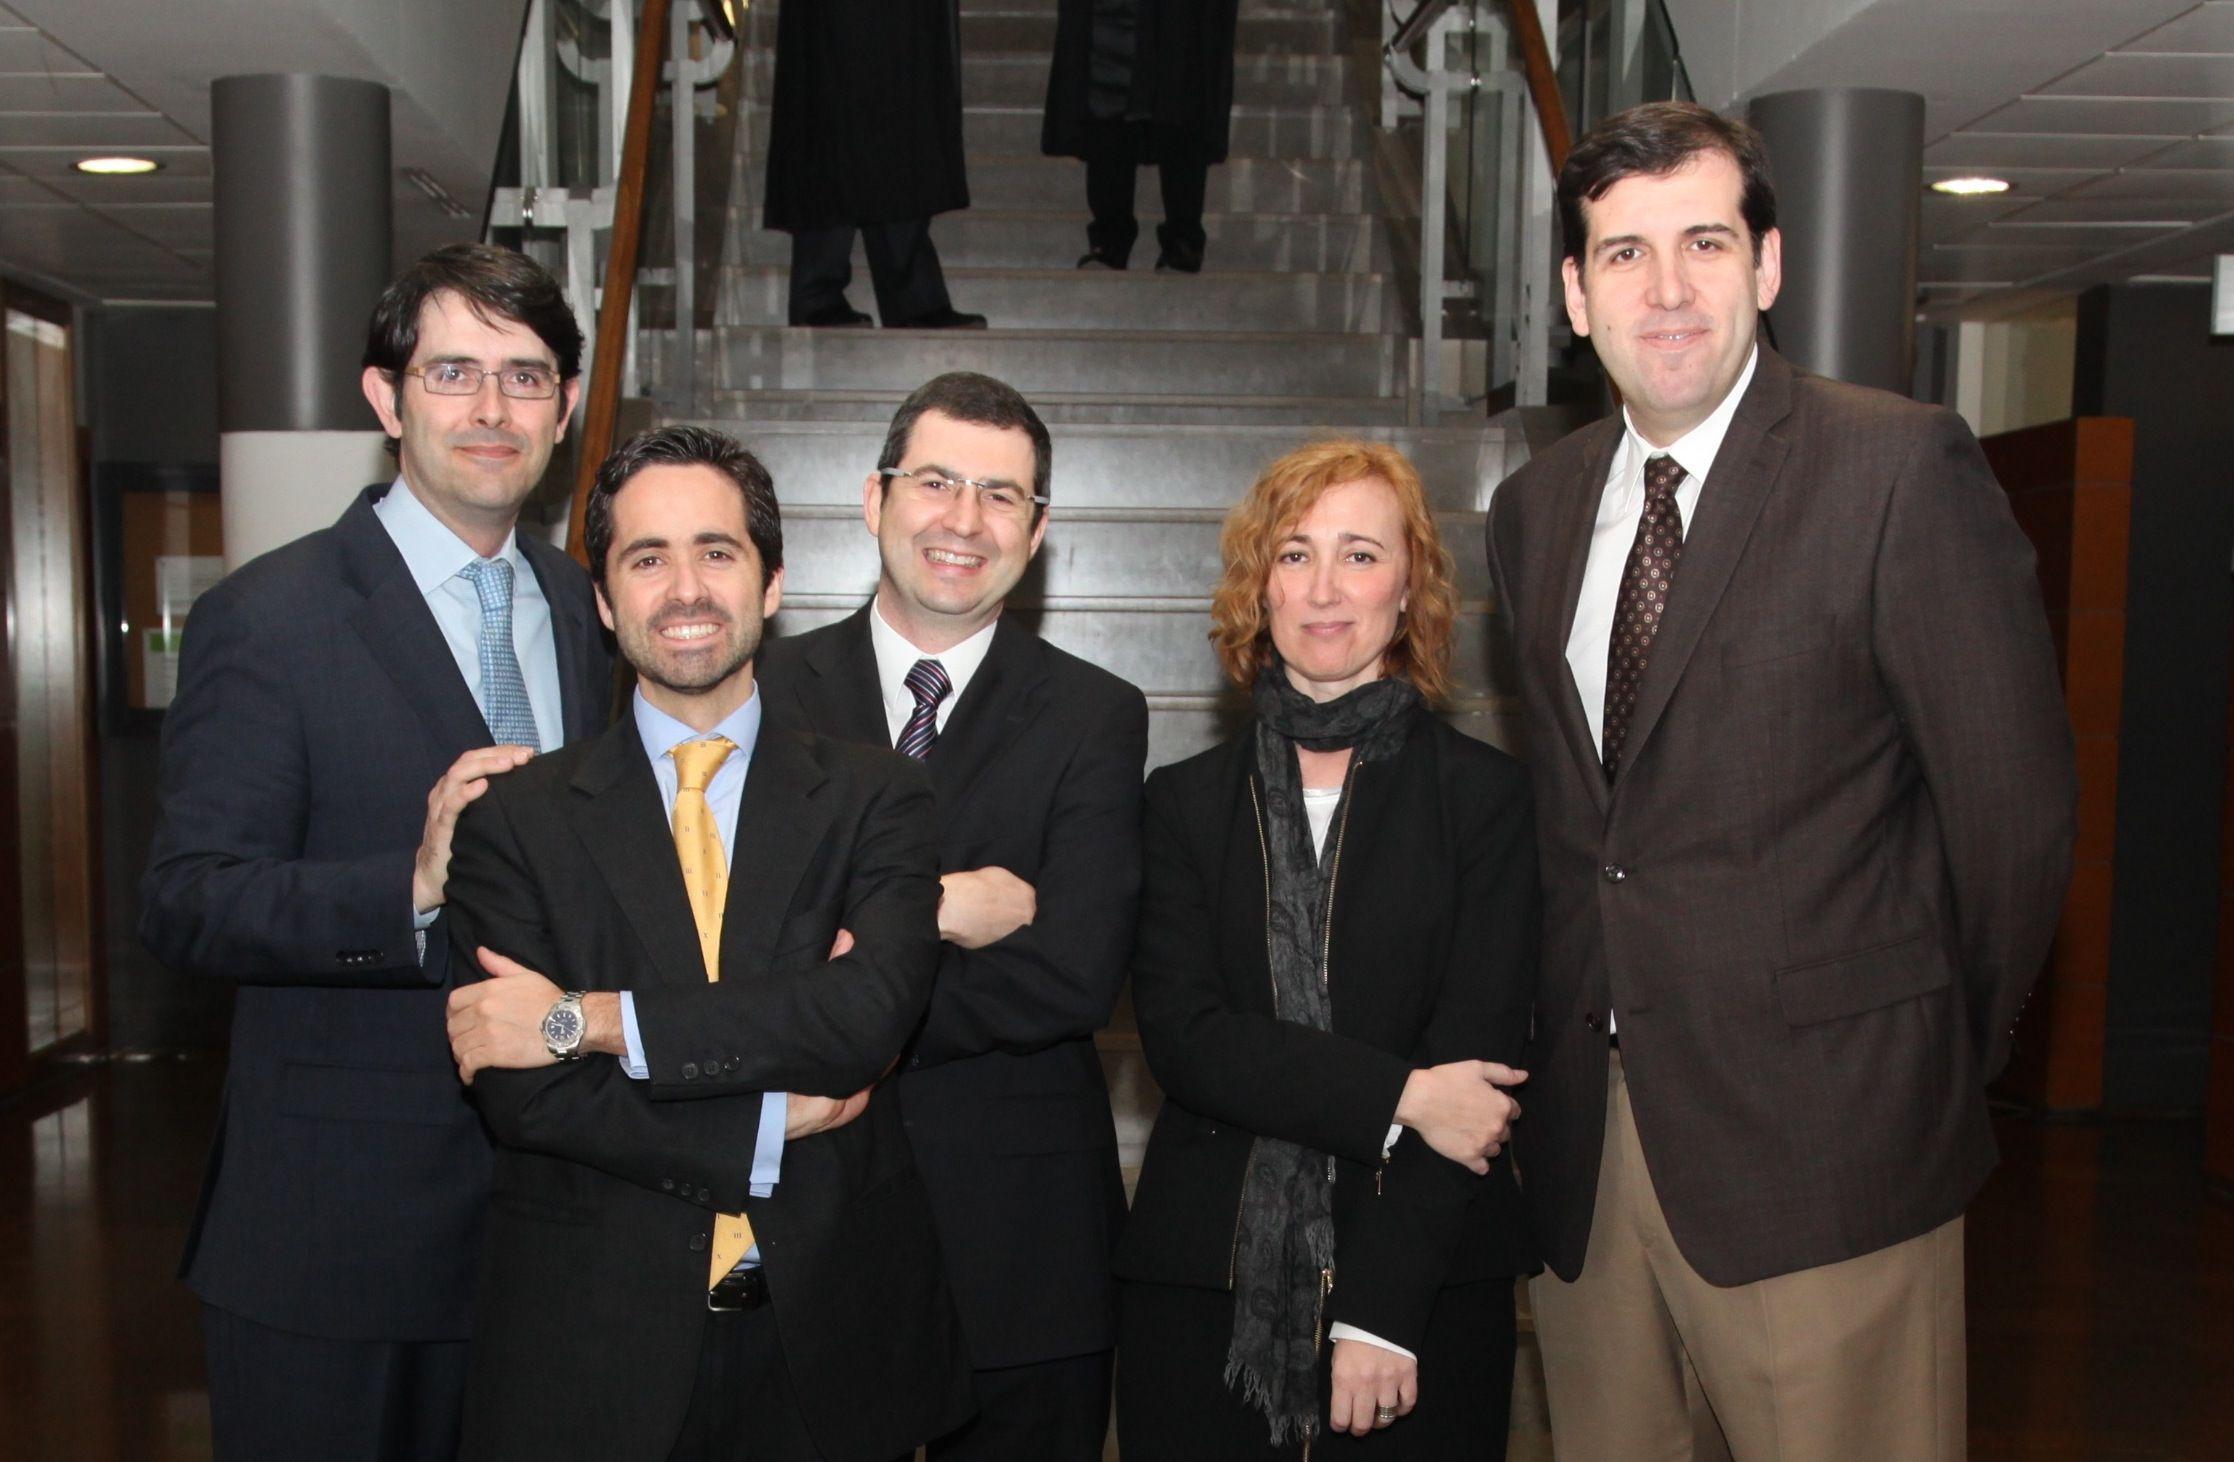 Los investigadores de la CEU-UCH Javier García, Juan Martínez, Juan Pardo, Esperanza Ferrnado y Joaquín Marco.